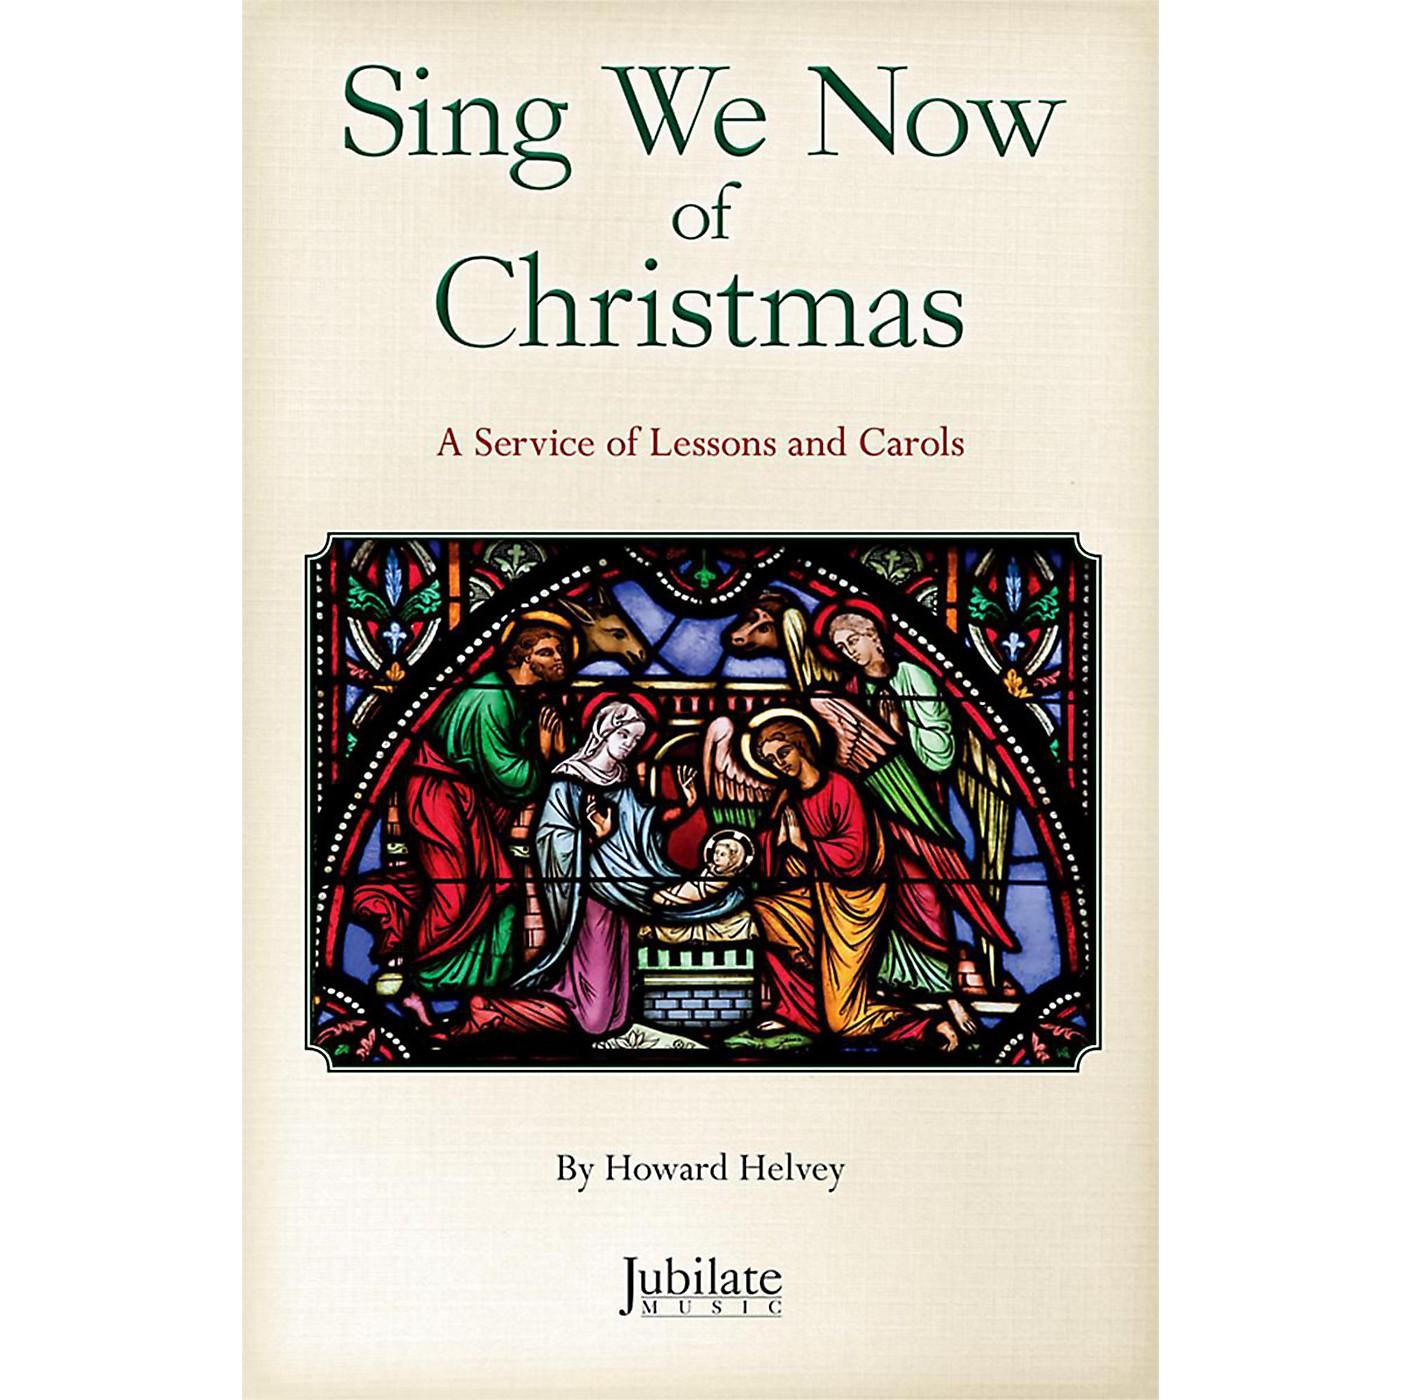 JUBILATE Sing We Now of Christmas Bulk Listening CD 10-Pack thumbnail